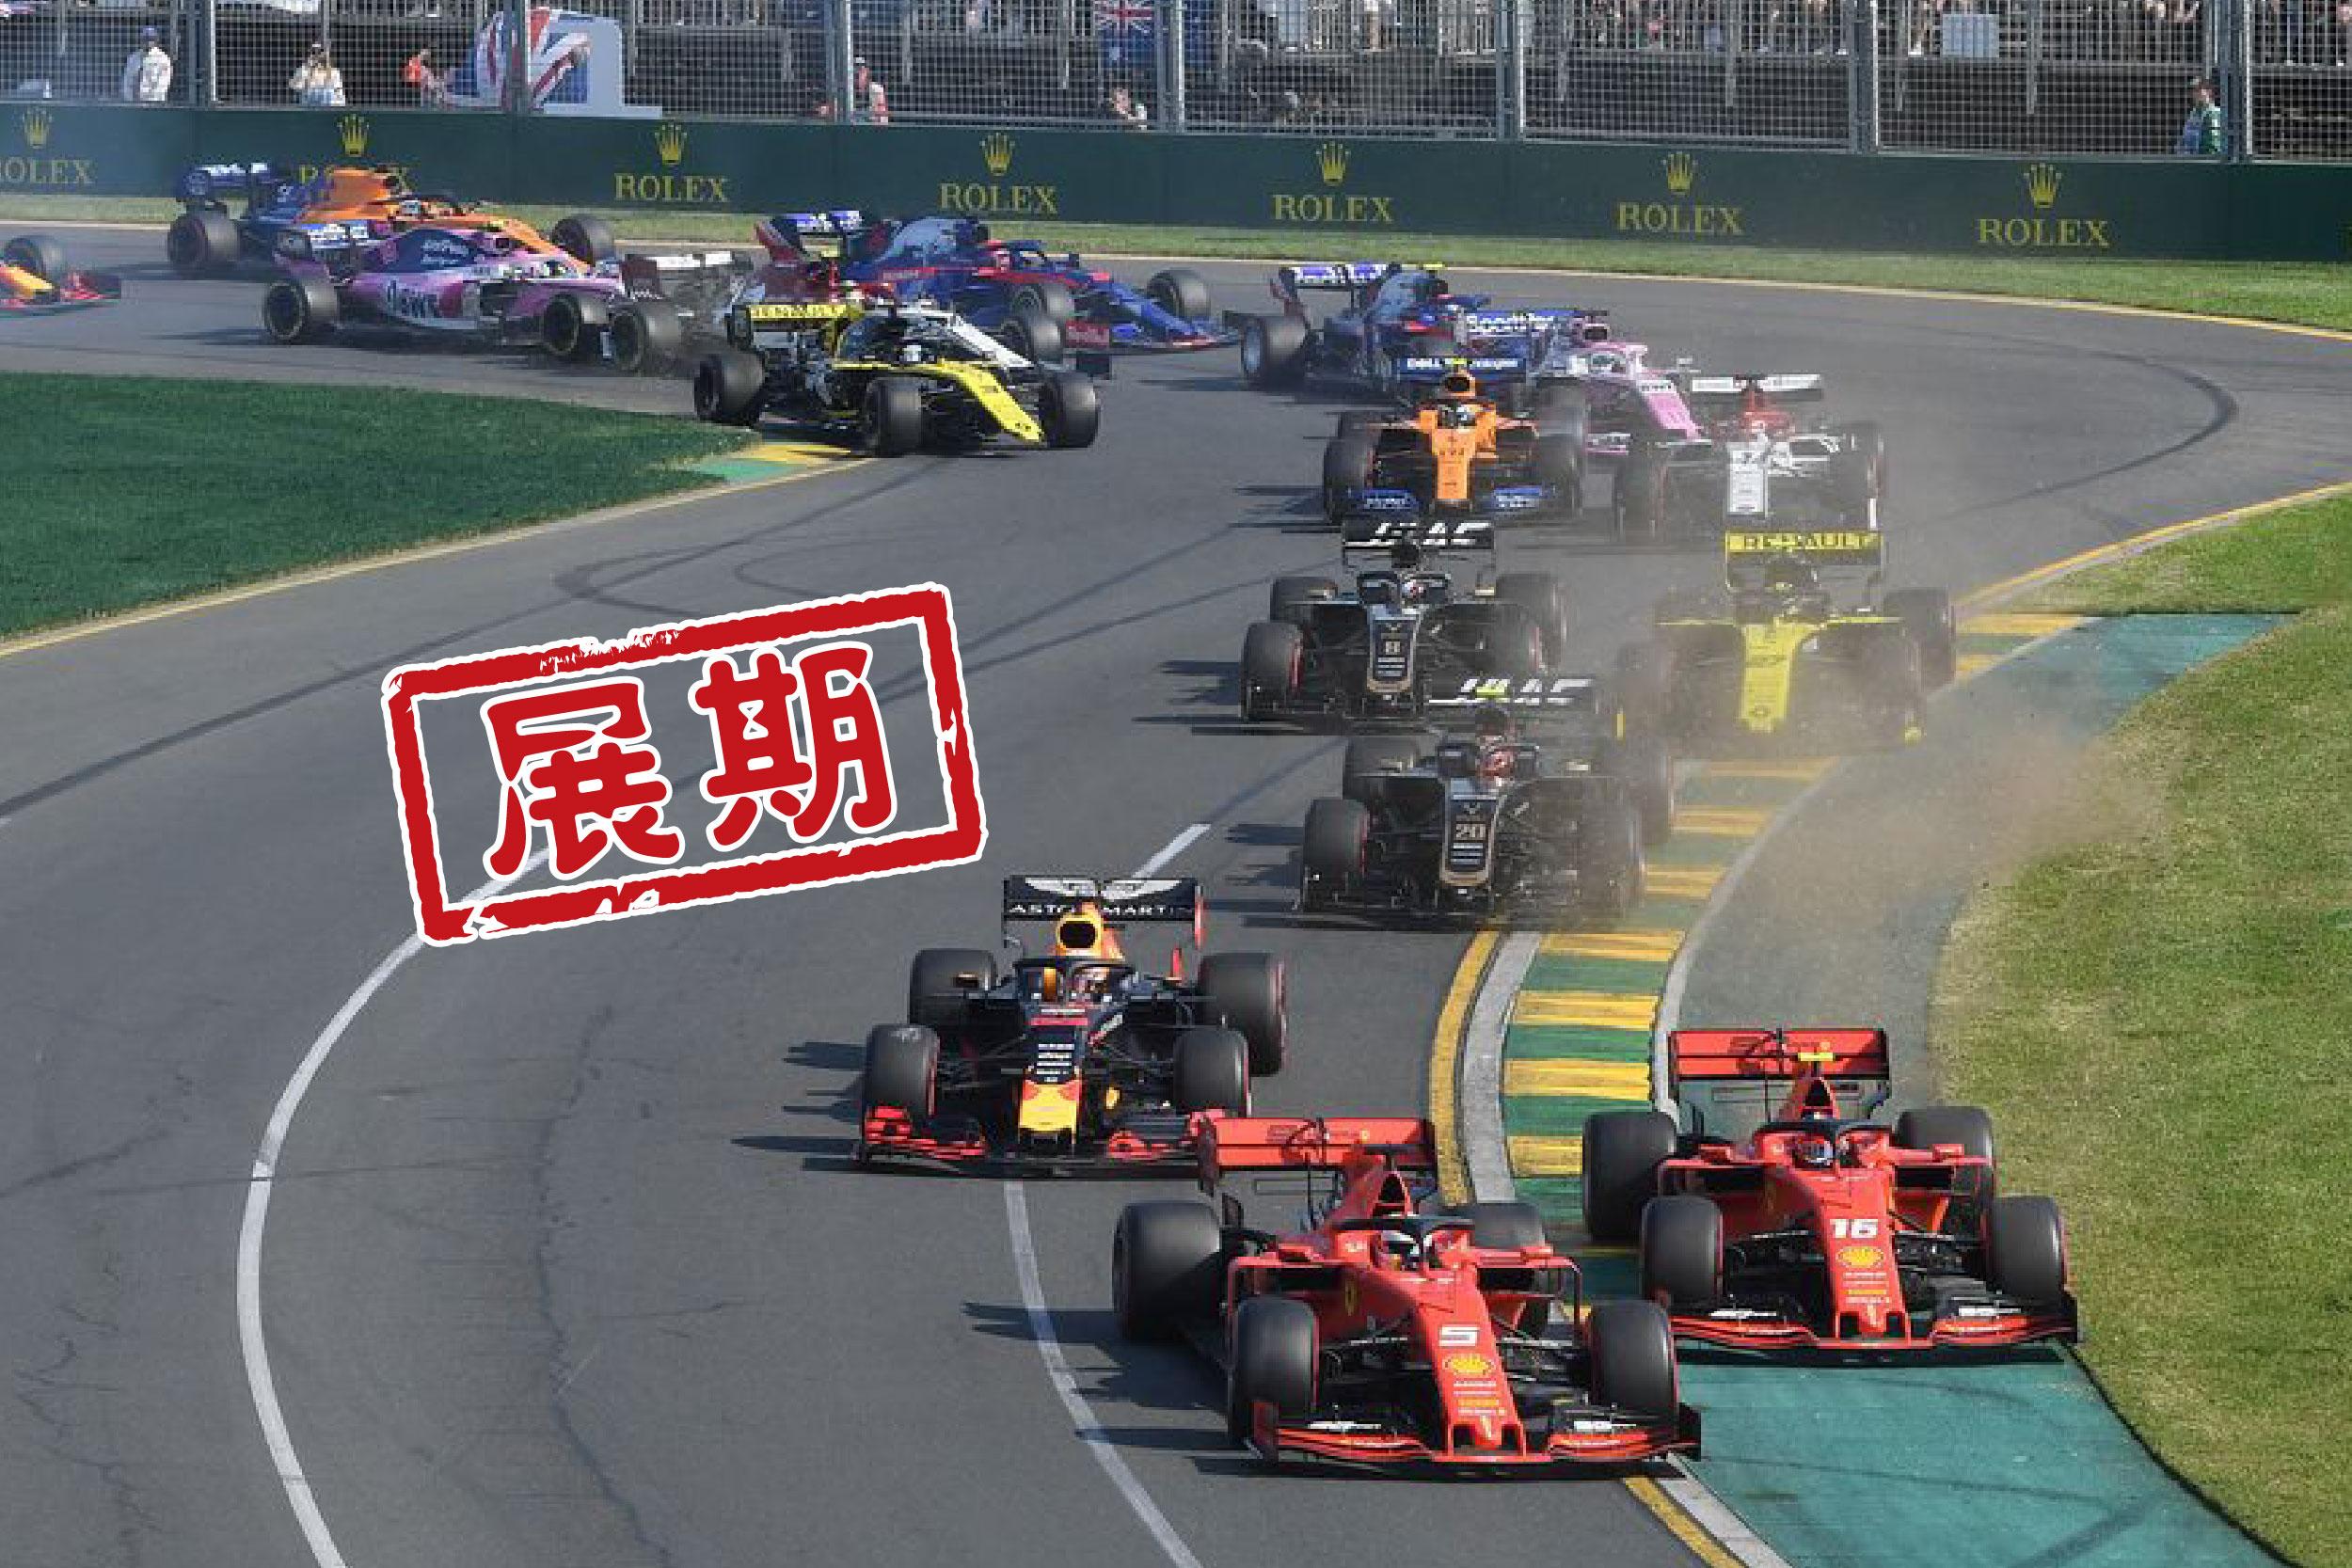 由于疫情关系,原定为F1揭幕战的澳洲大奖赛从3月推迟至11月进行。-路透社/精彩大马制图-